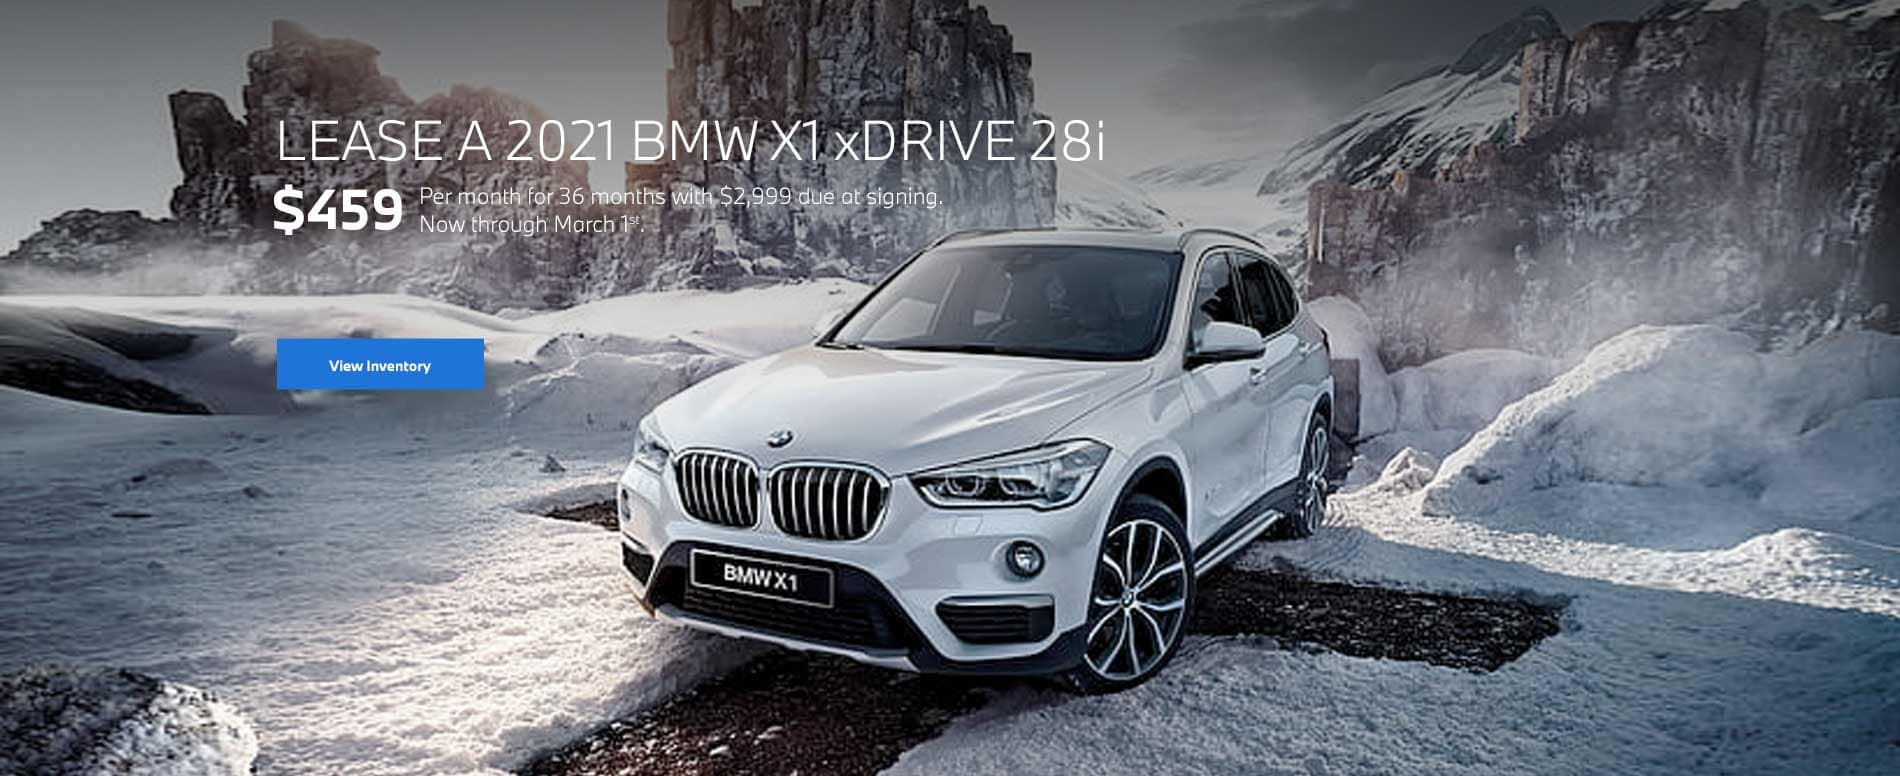 2021 BMW X1 Lease